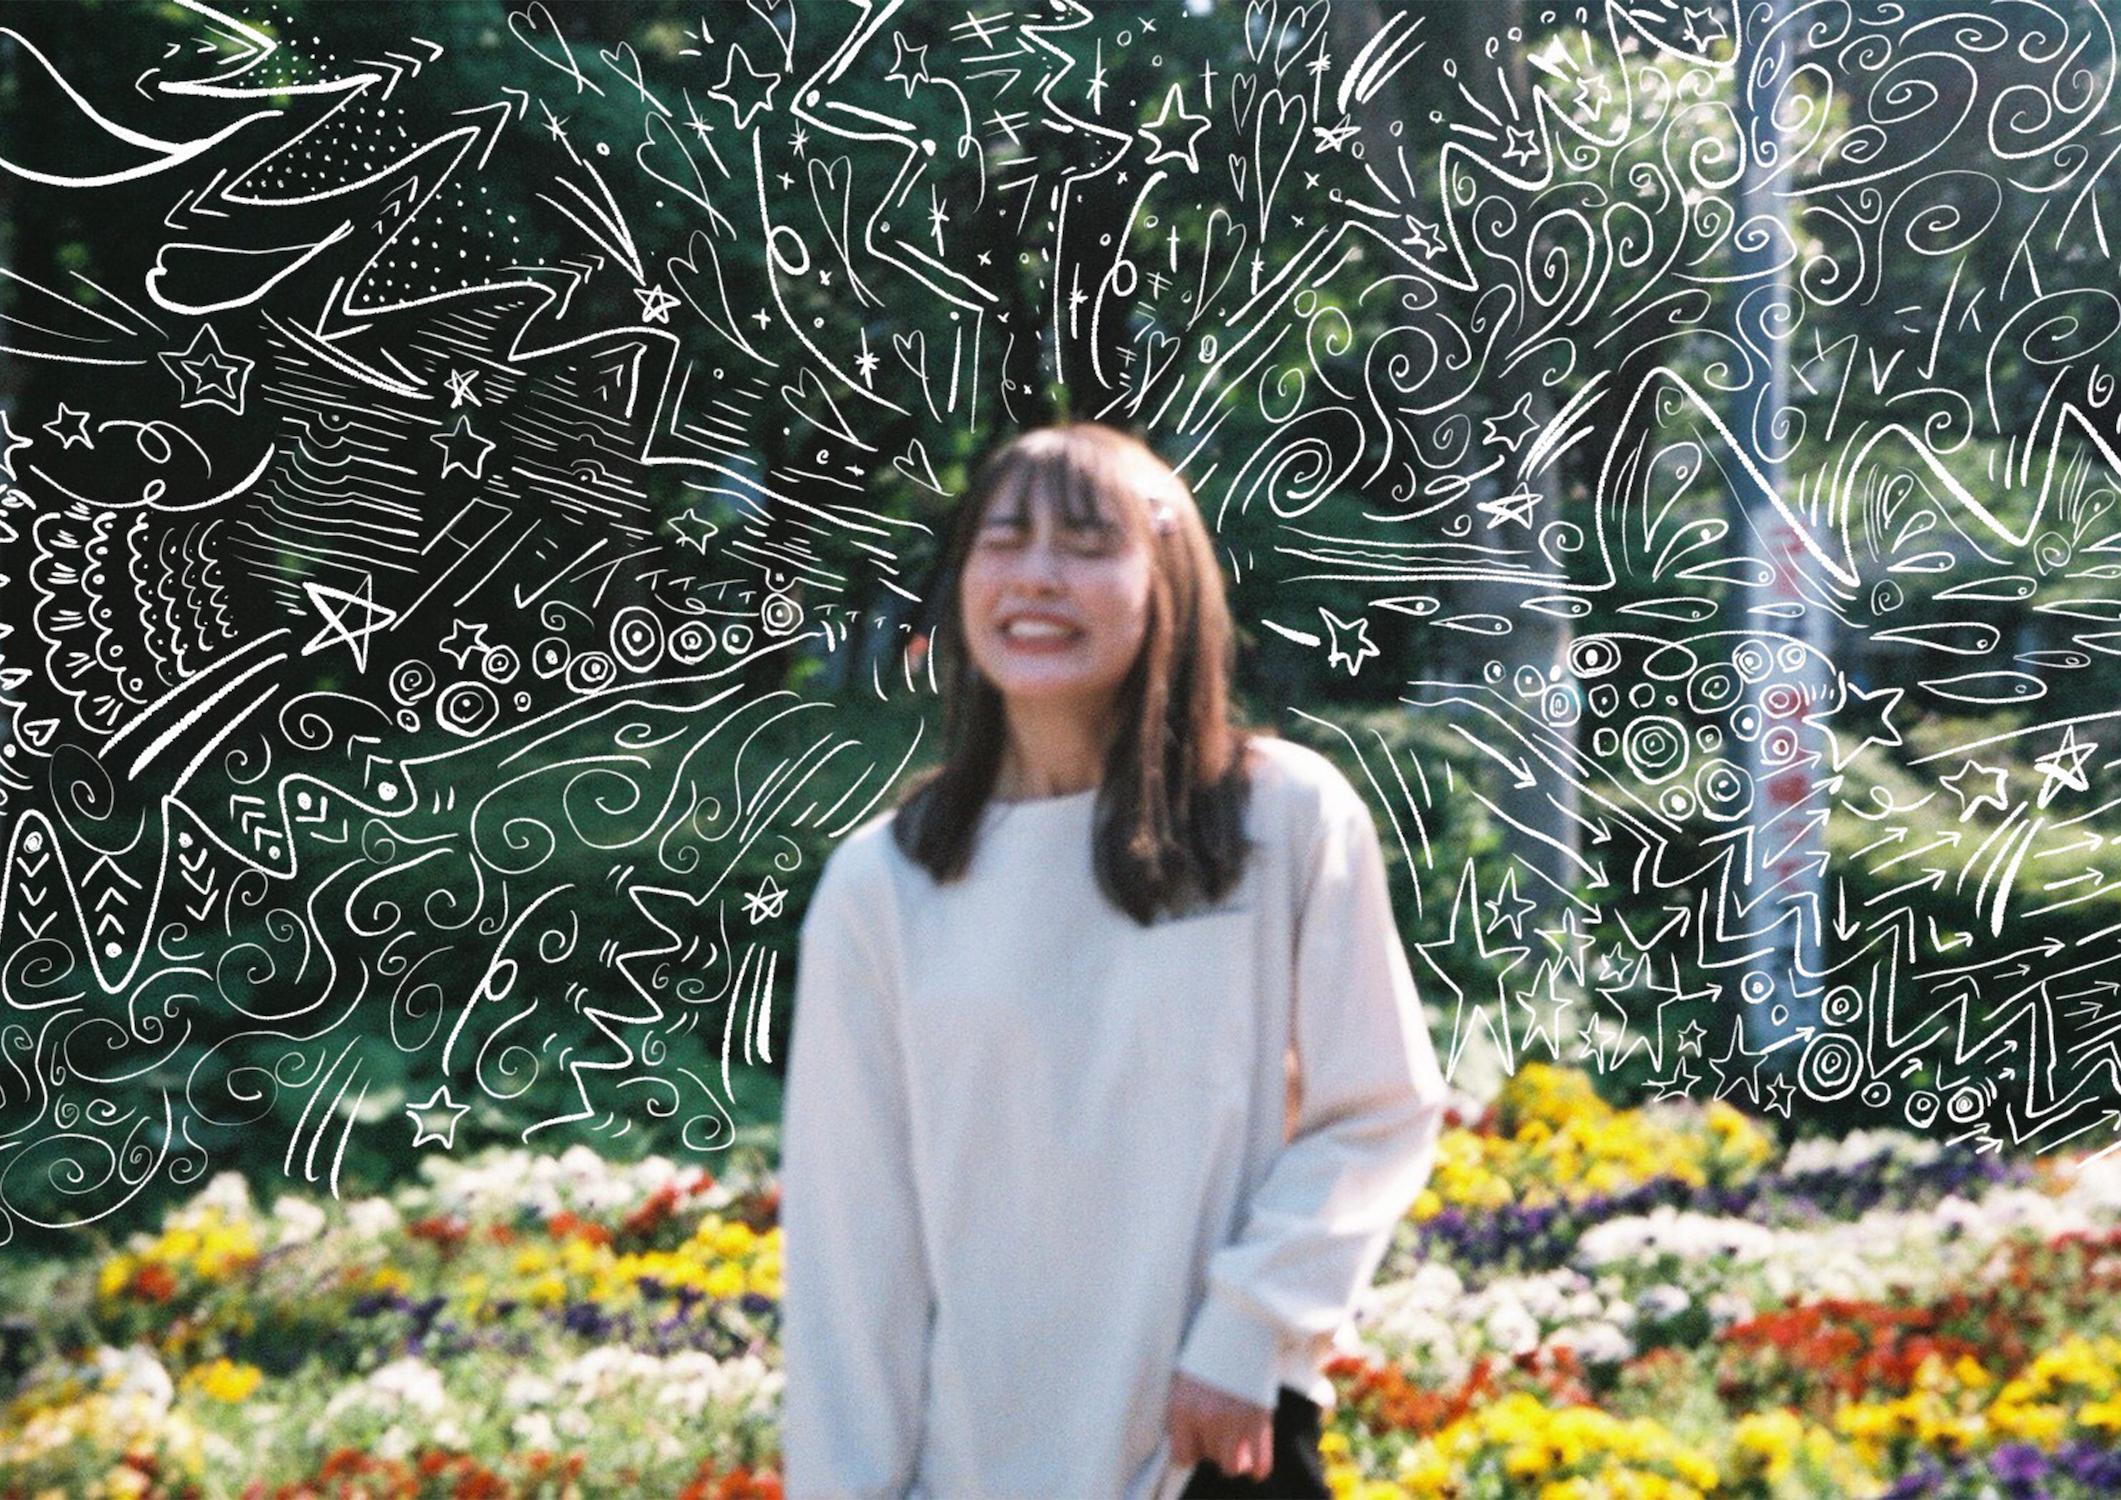 内田理央(うちだ・りお)オンライン写真展。『内田理央 10 周年企画スマホの中身展「半目と開眼」』